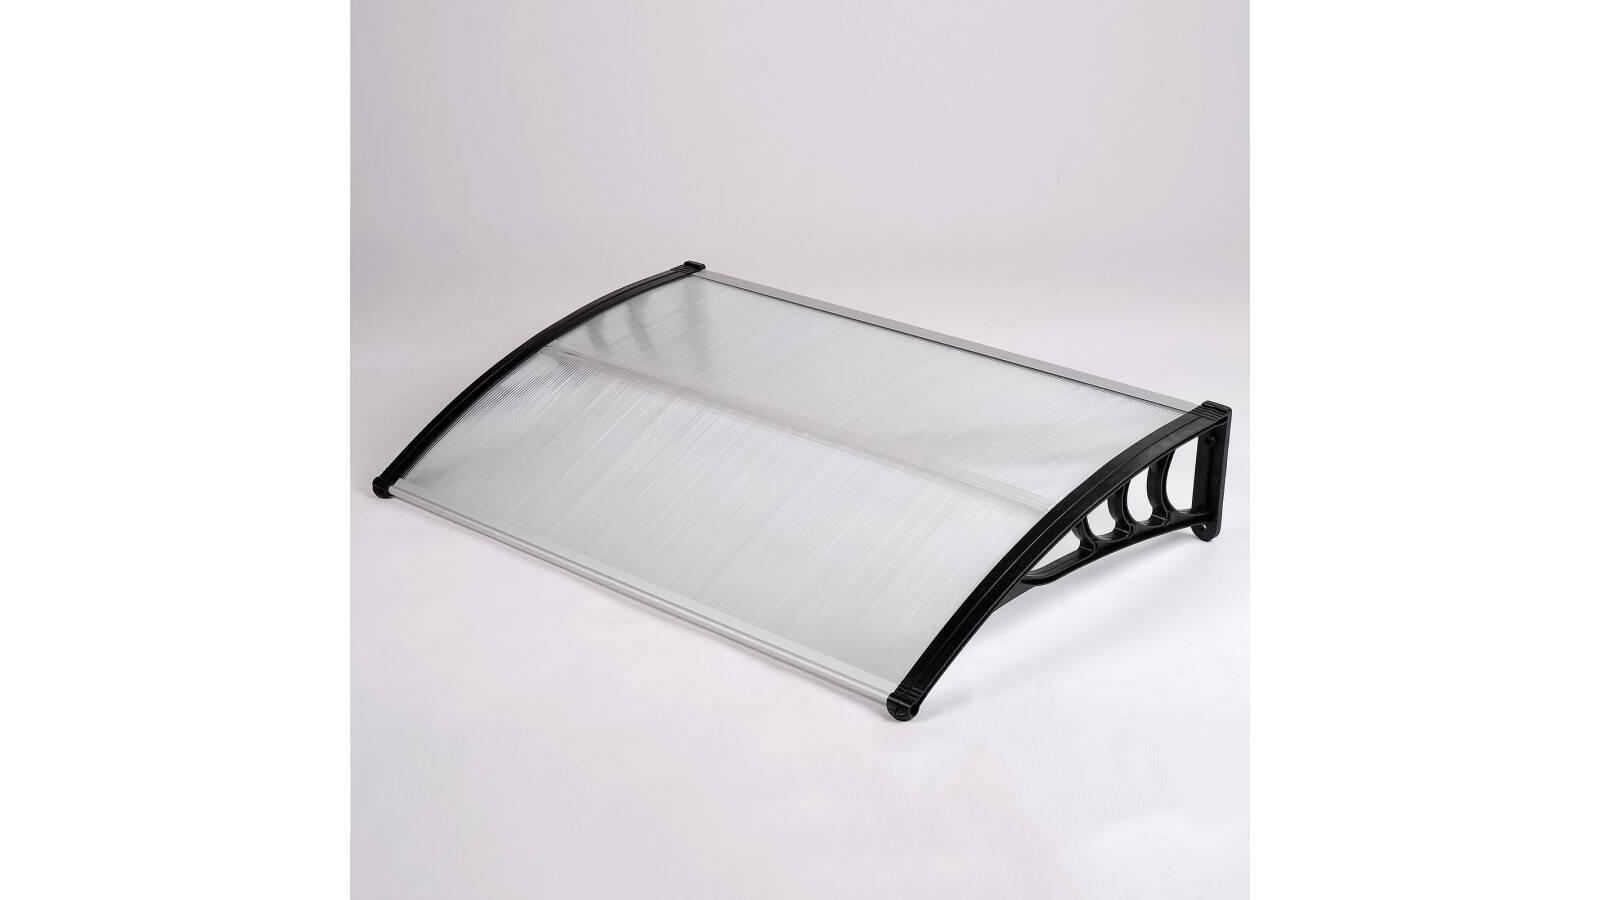 Alero de policarbonato transparente   1 x 0,8 m   toldo ventana